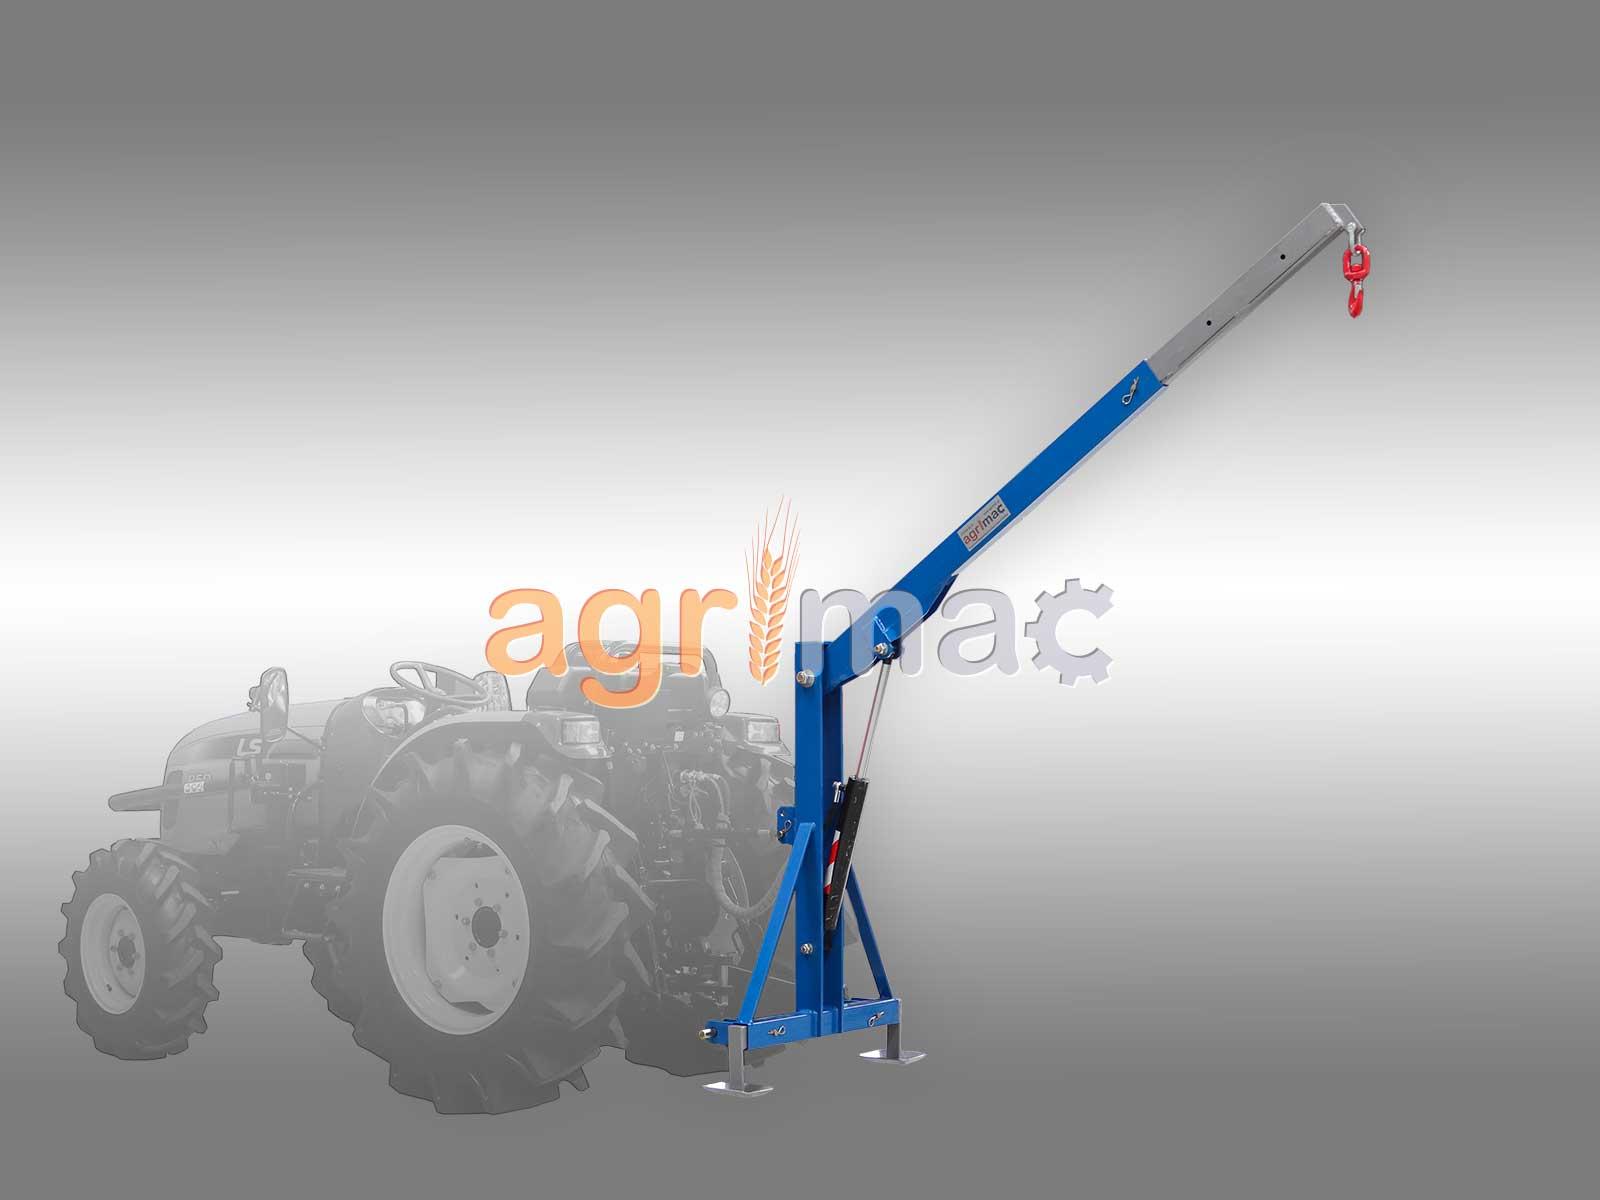 γερανακι γεωργικα αγροτικα μηχανηματα